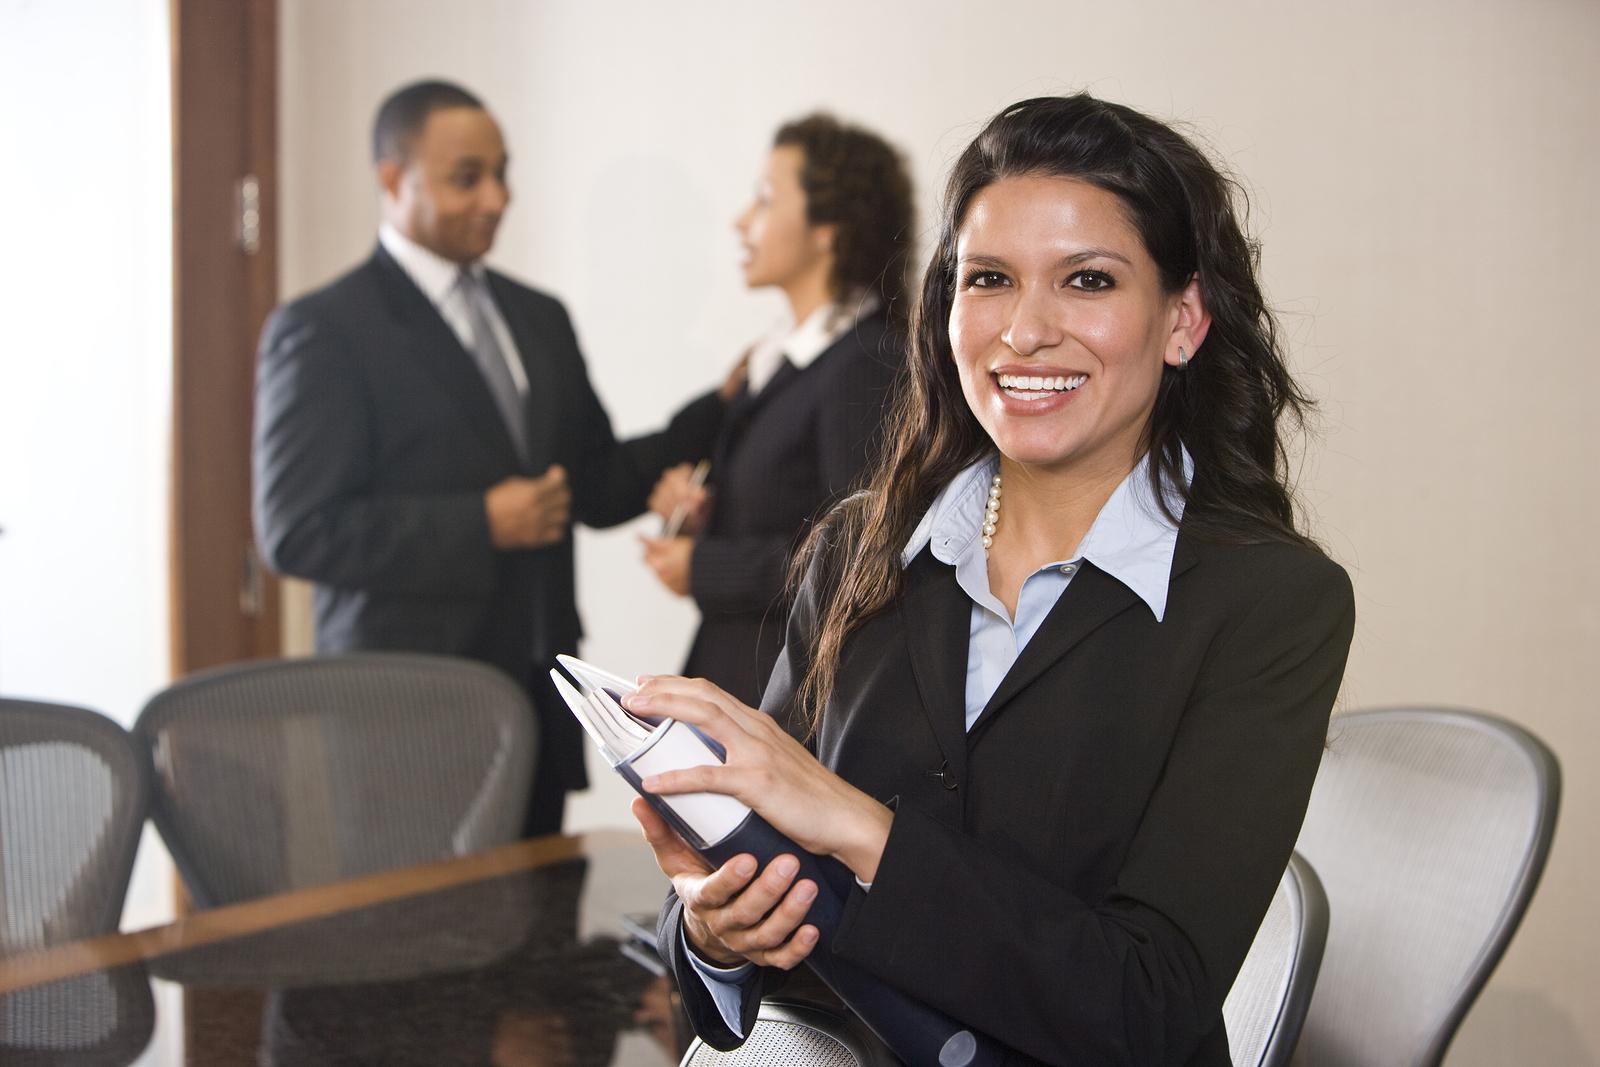 Mujeres ejecutivas en LATAM pasarán del 12% al 39% en 10 años